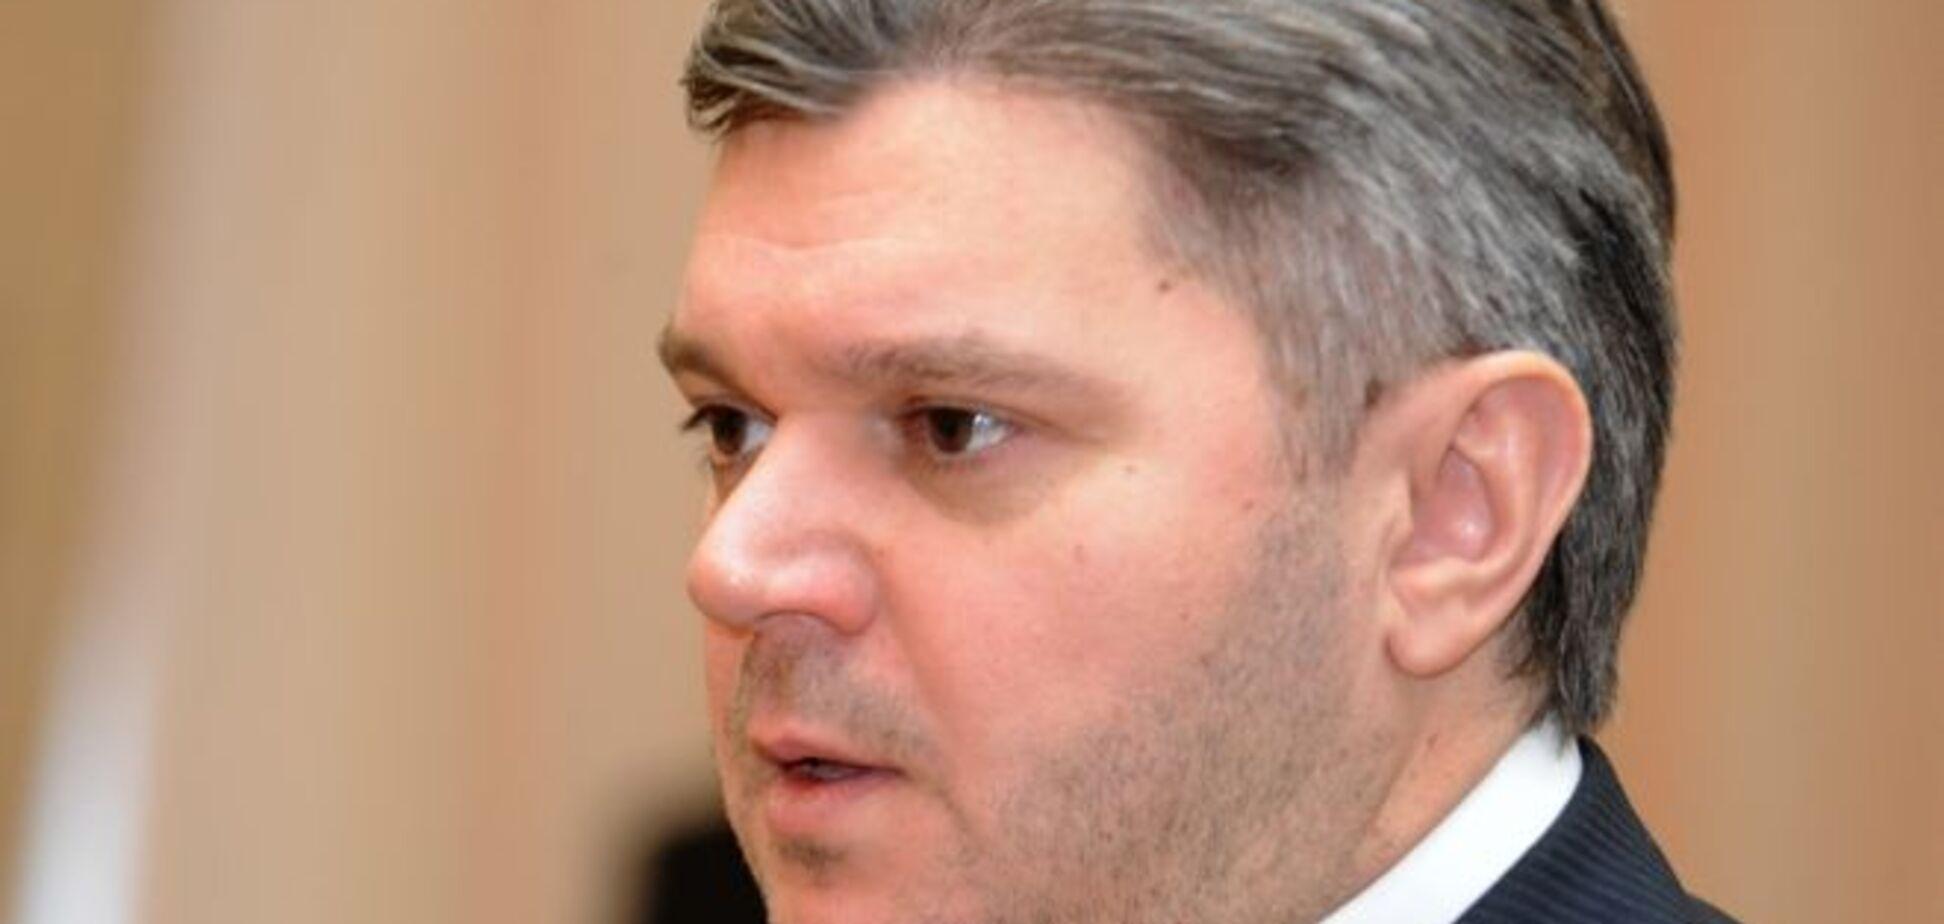 Ставицкий никогда не имел отношения к 'Универсальным информтехнологиям' - компания